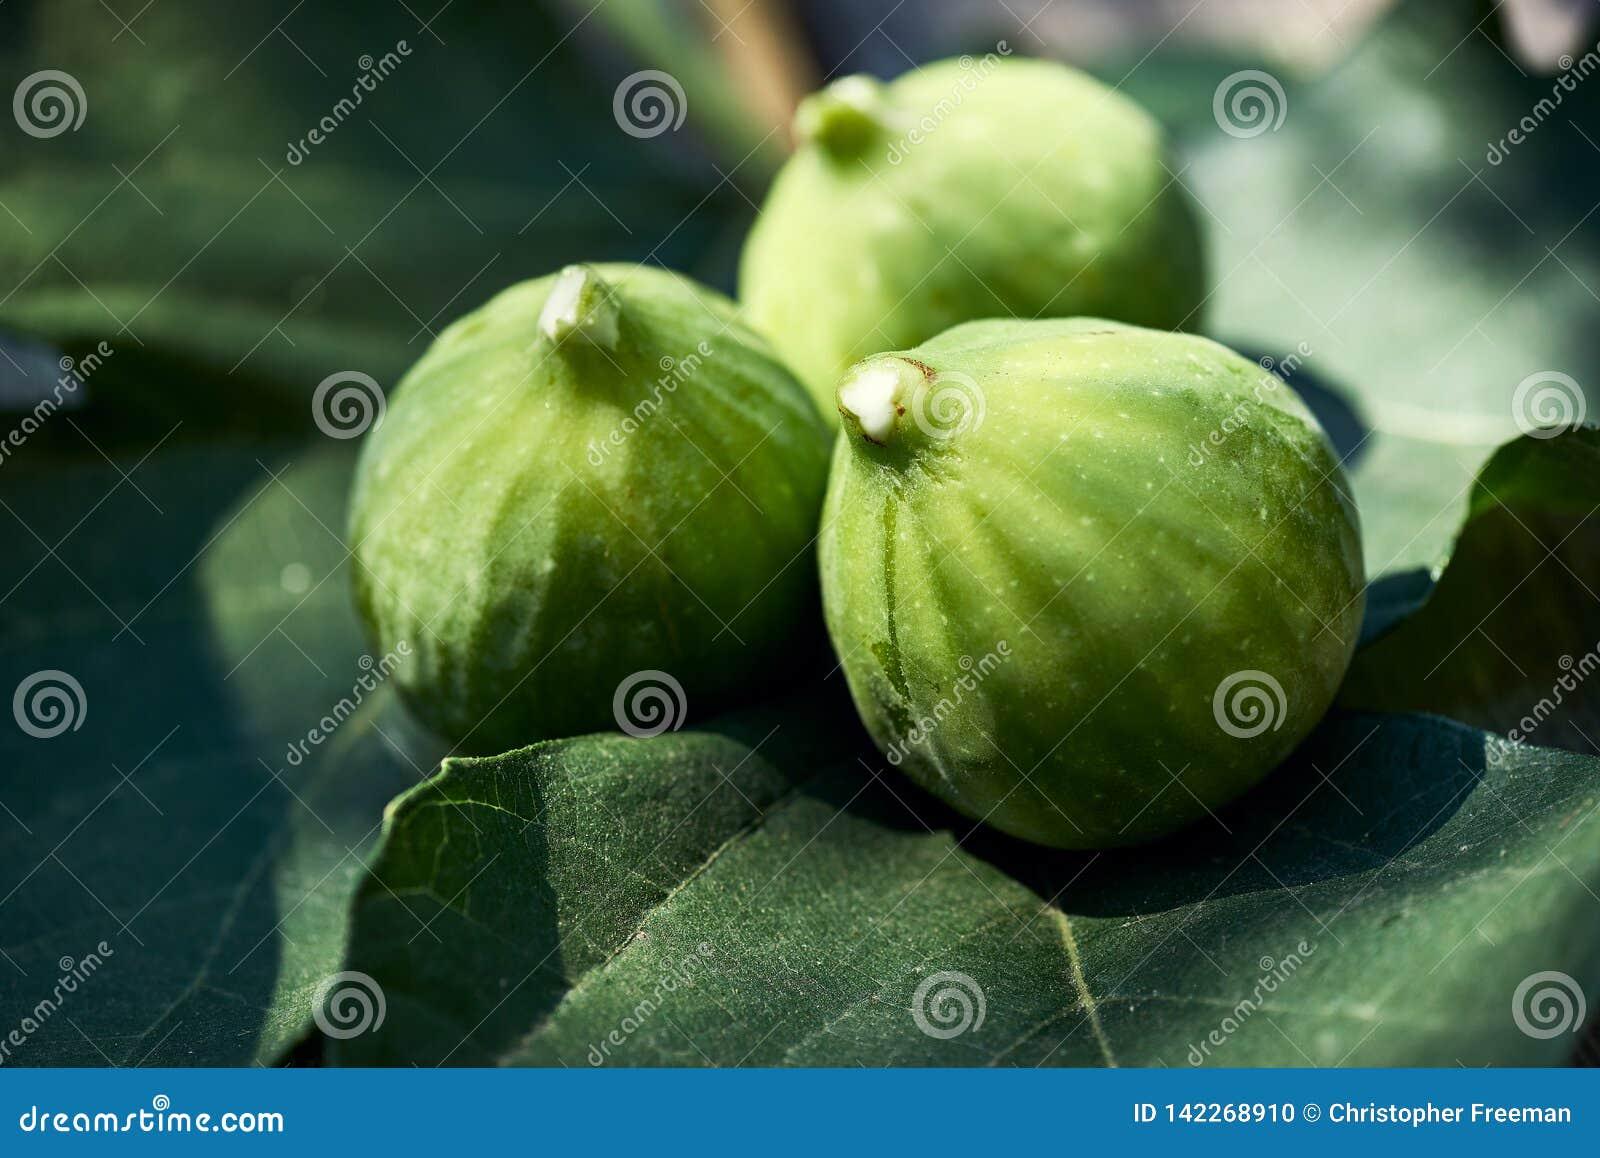 Drie fig. backlit op vijgebladen met wit sap op de uiteinden